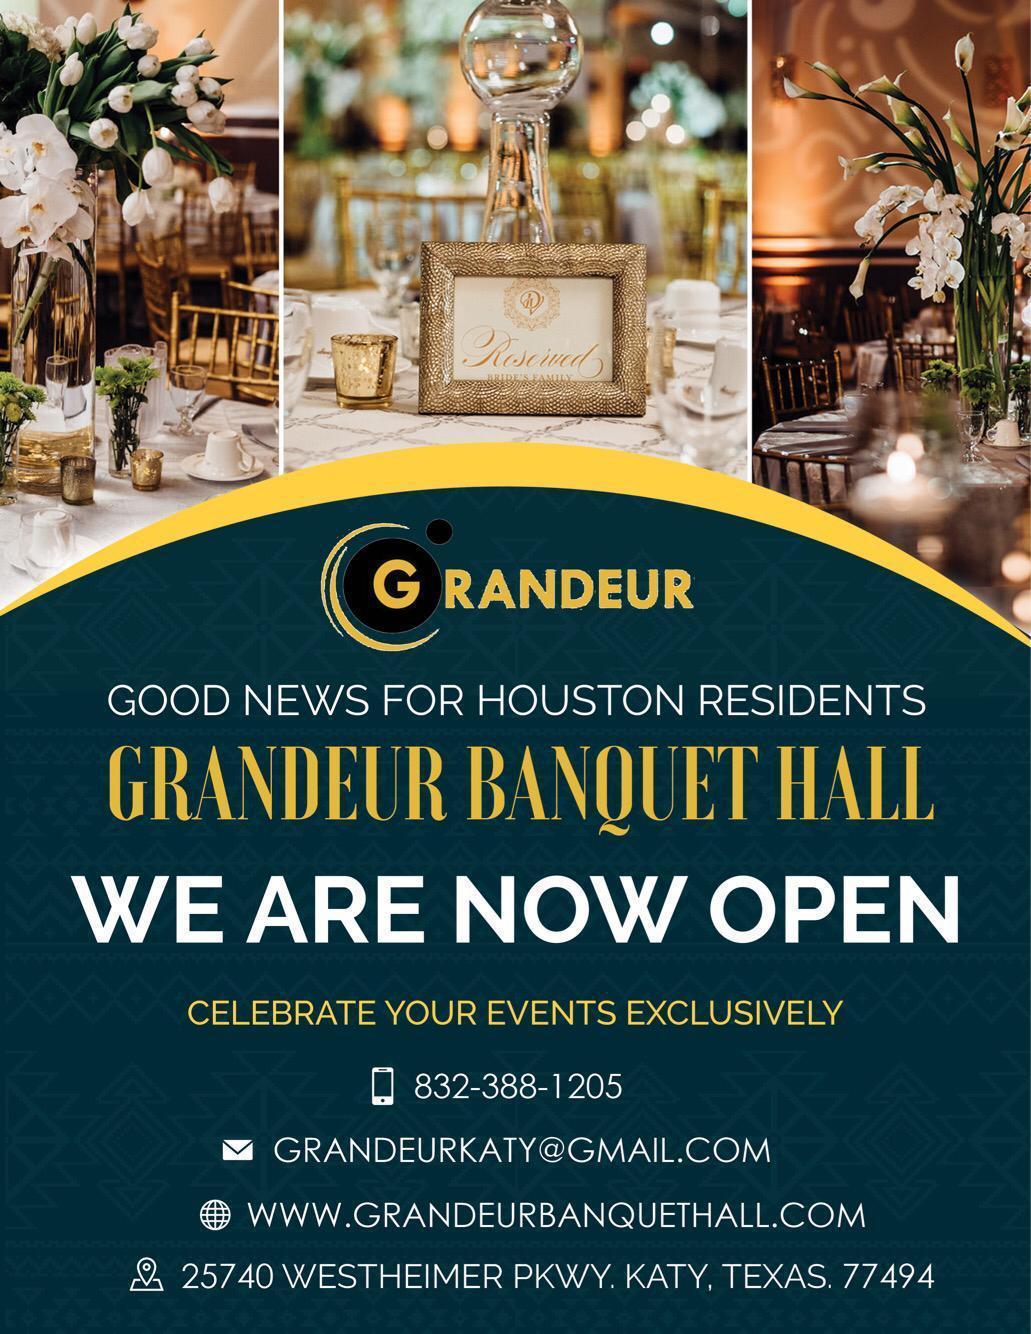 grandeur banquet hall xappie